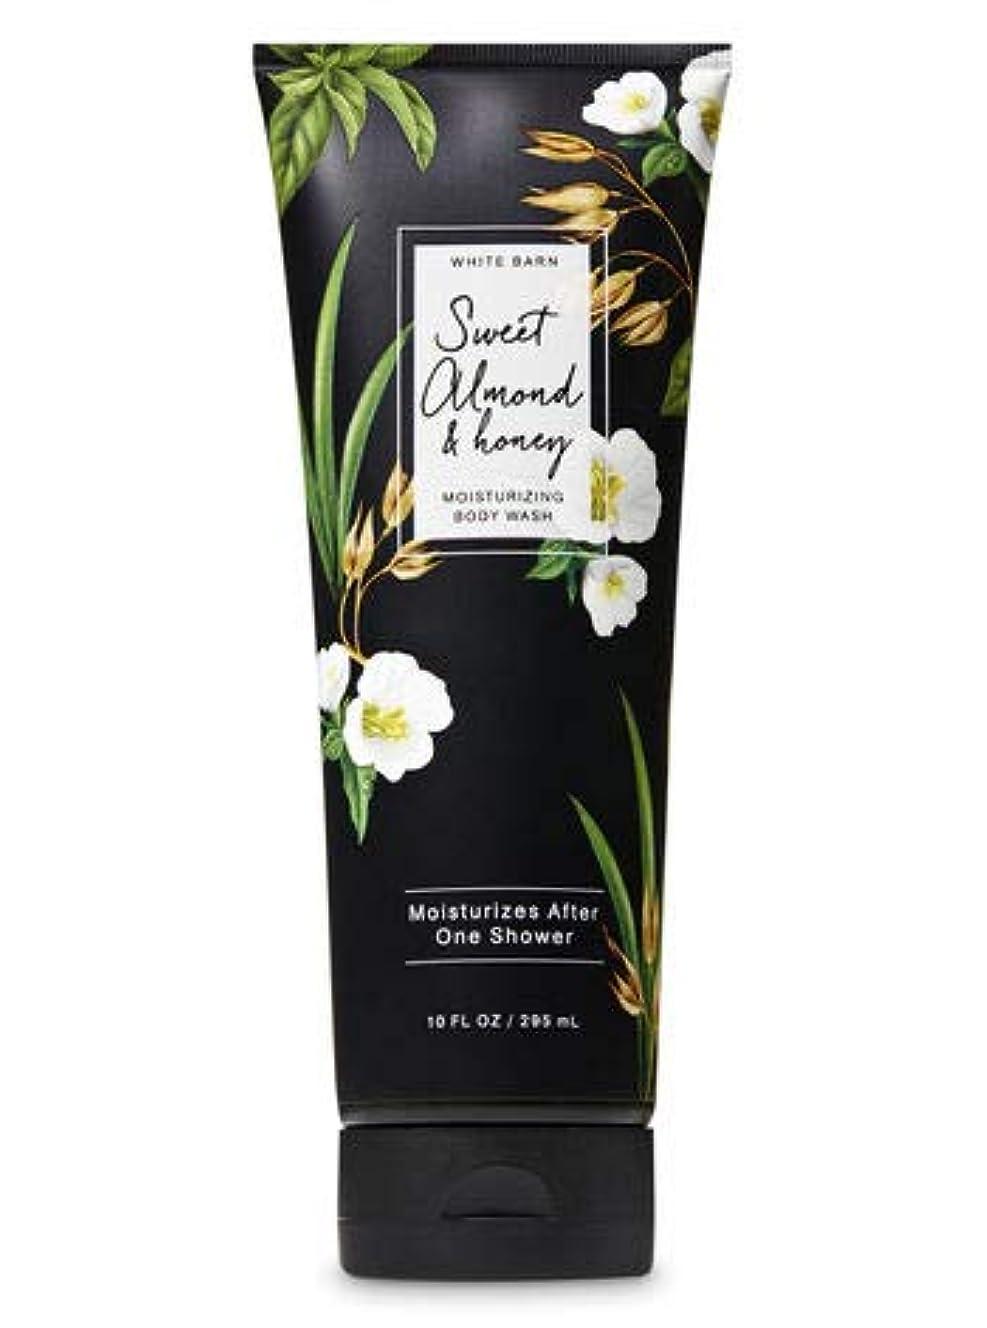 半ば値ボール【Bath&Body Works/バス&ボディワークス】 モイスチャライジングボディウォッシュ スイートアーモンド&ハニー Moisturizing Body Wash Sweet Almond & Honey 10 fl oz / 295 mL [並行輸入品]